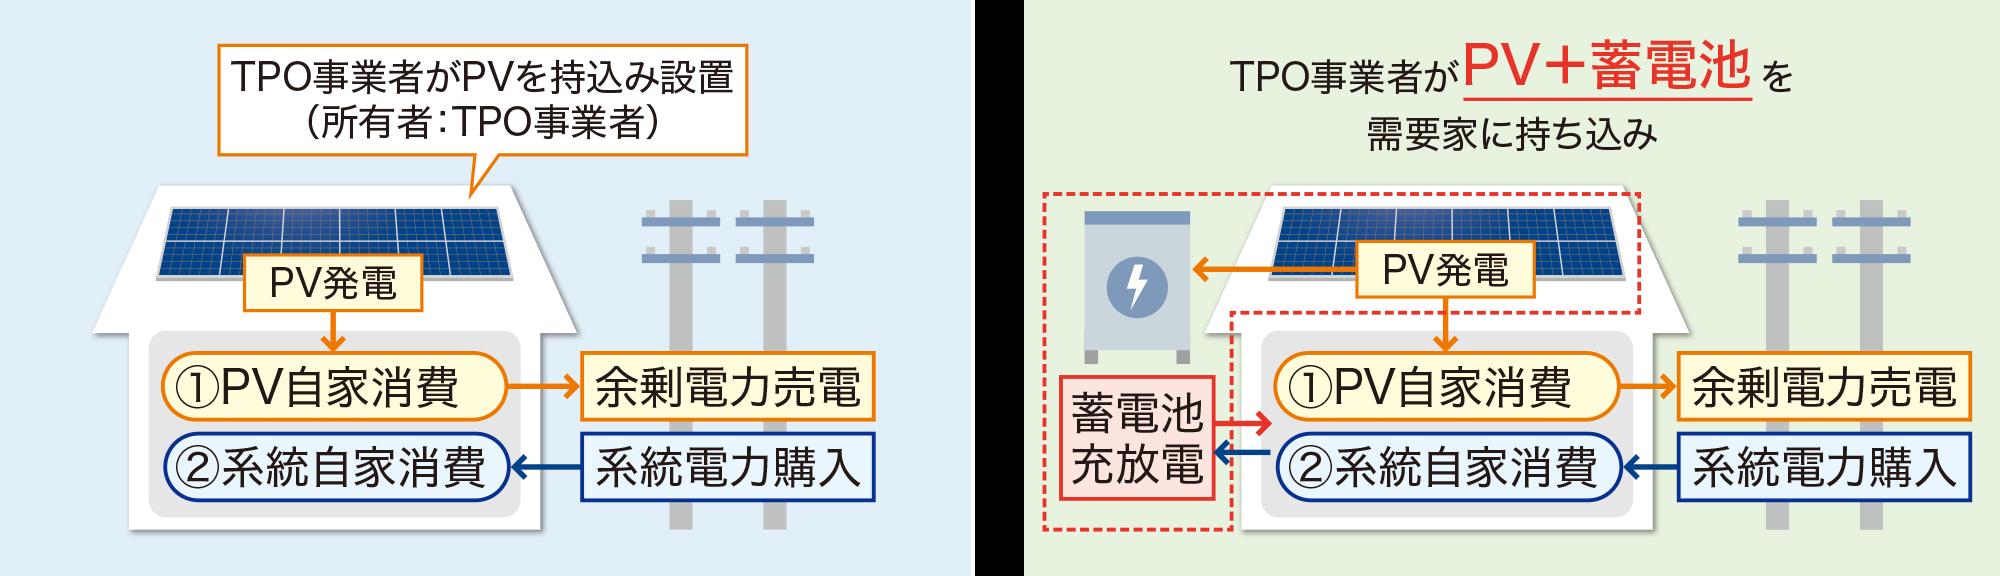 図:TPO